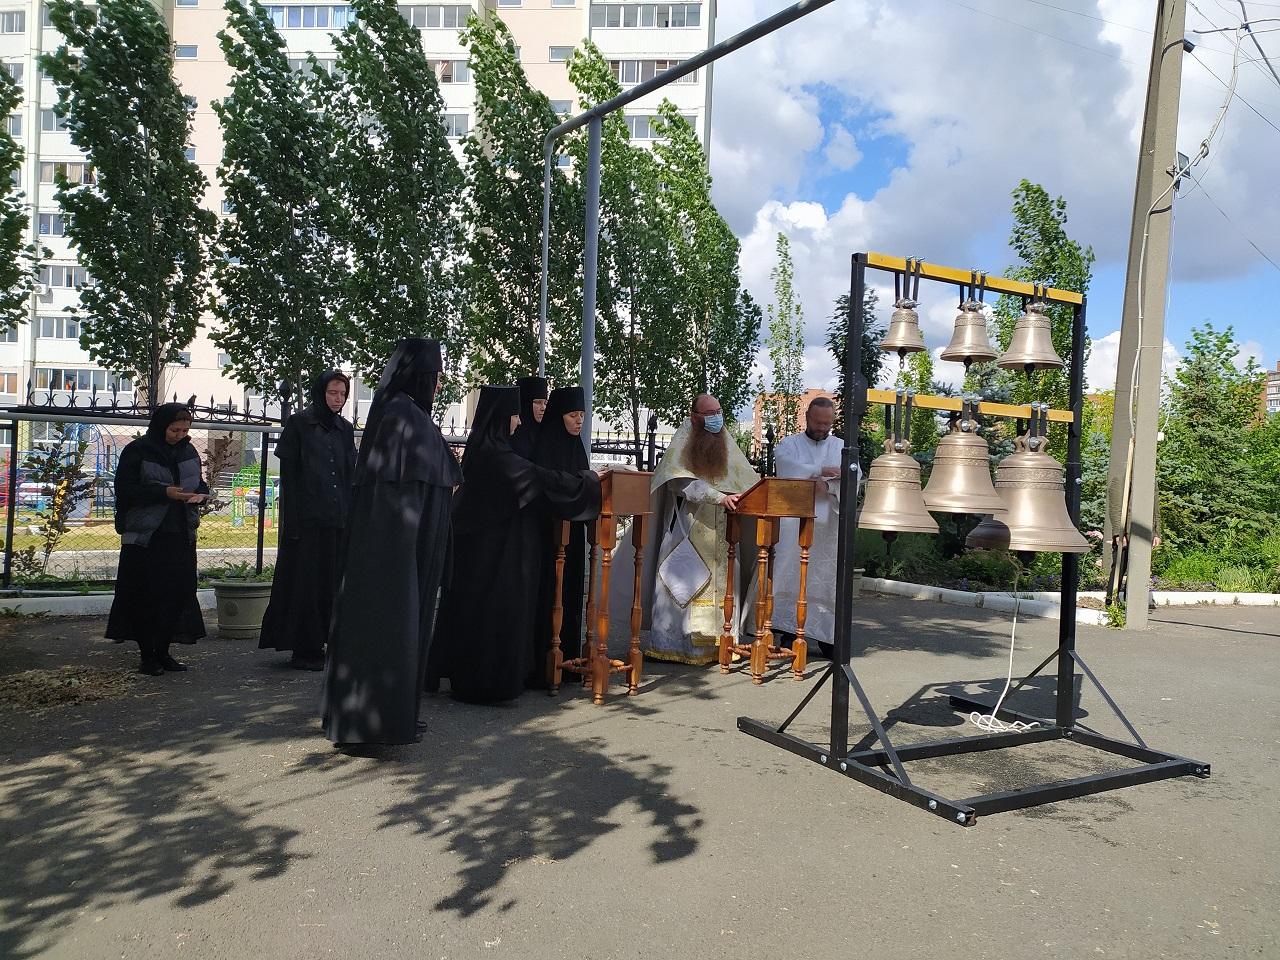 Над Челябинском раздастся новый колокольный звон